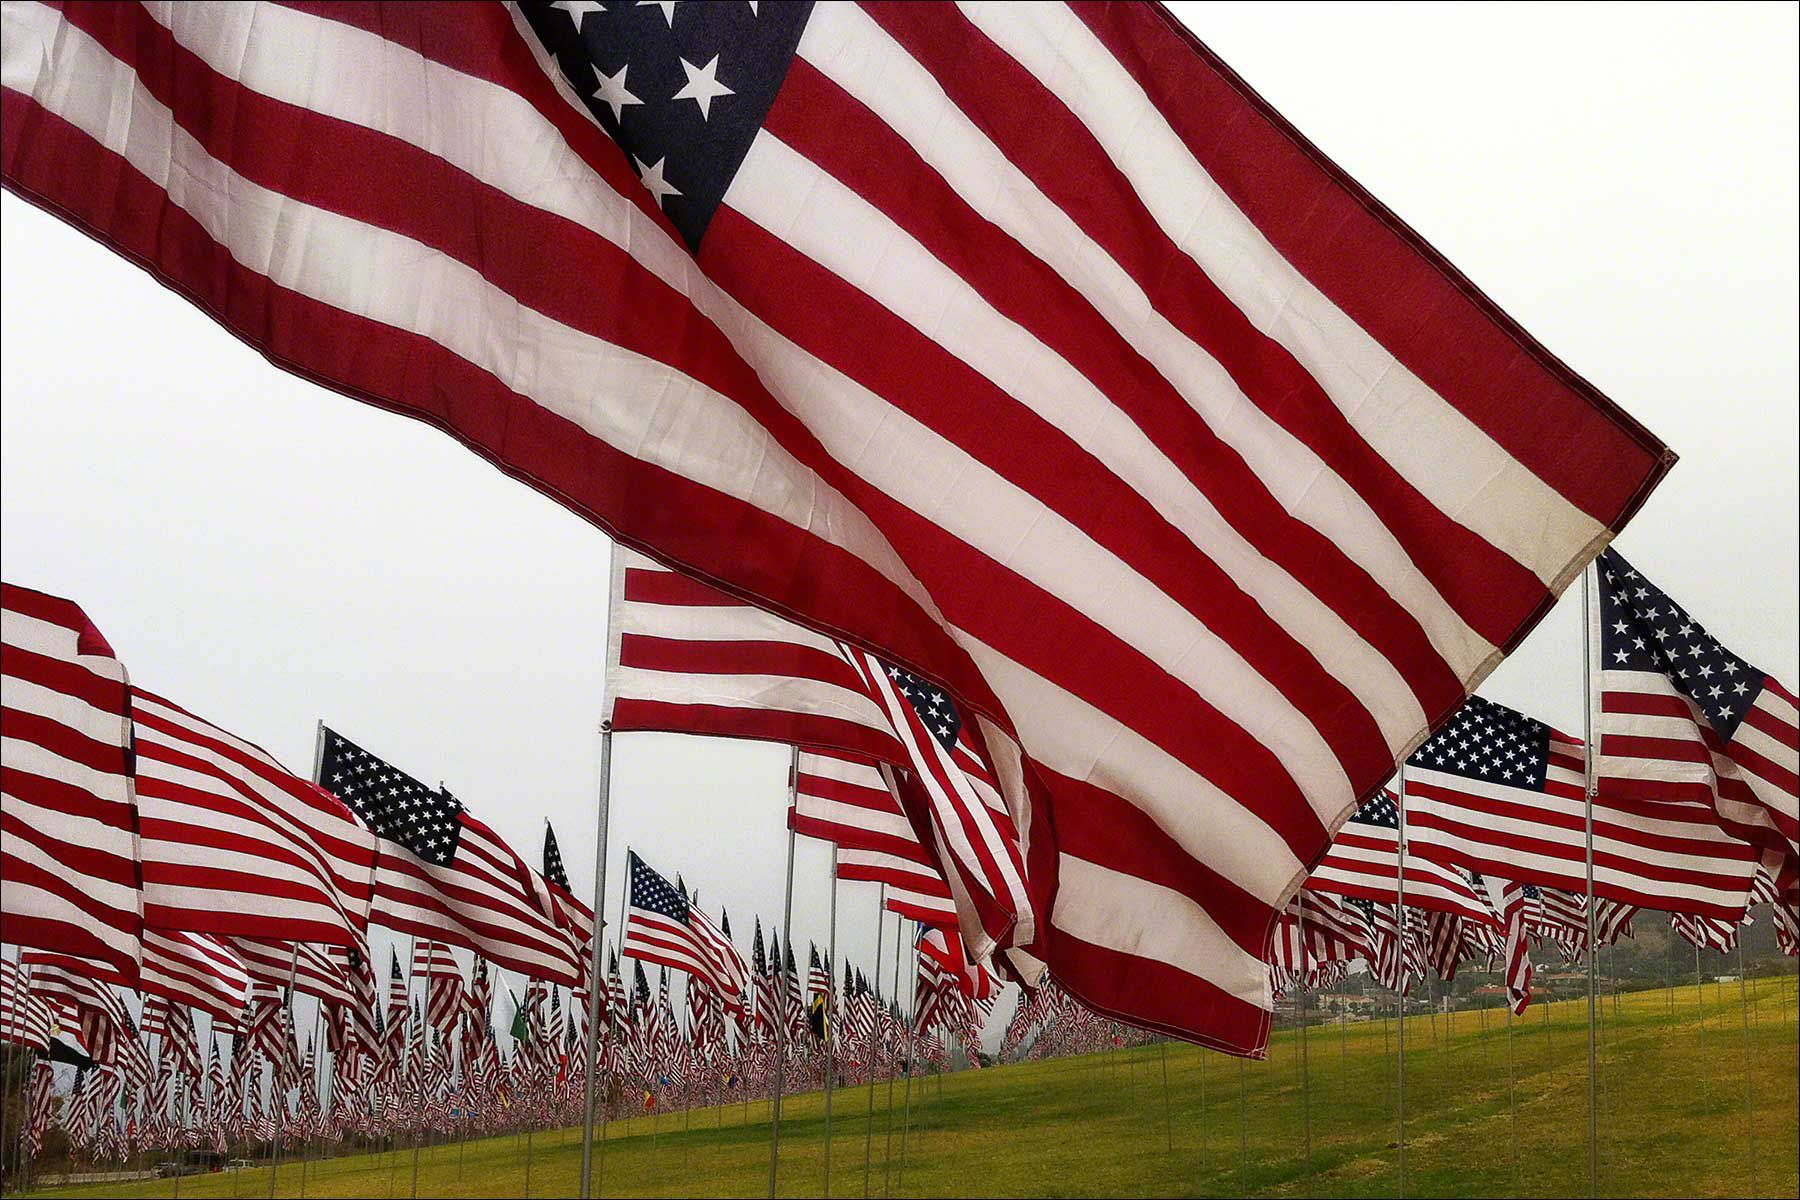 9/11 Memorial, Los Angeles